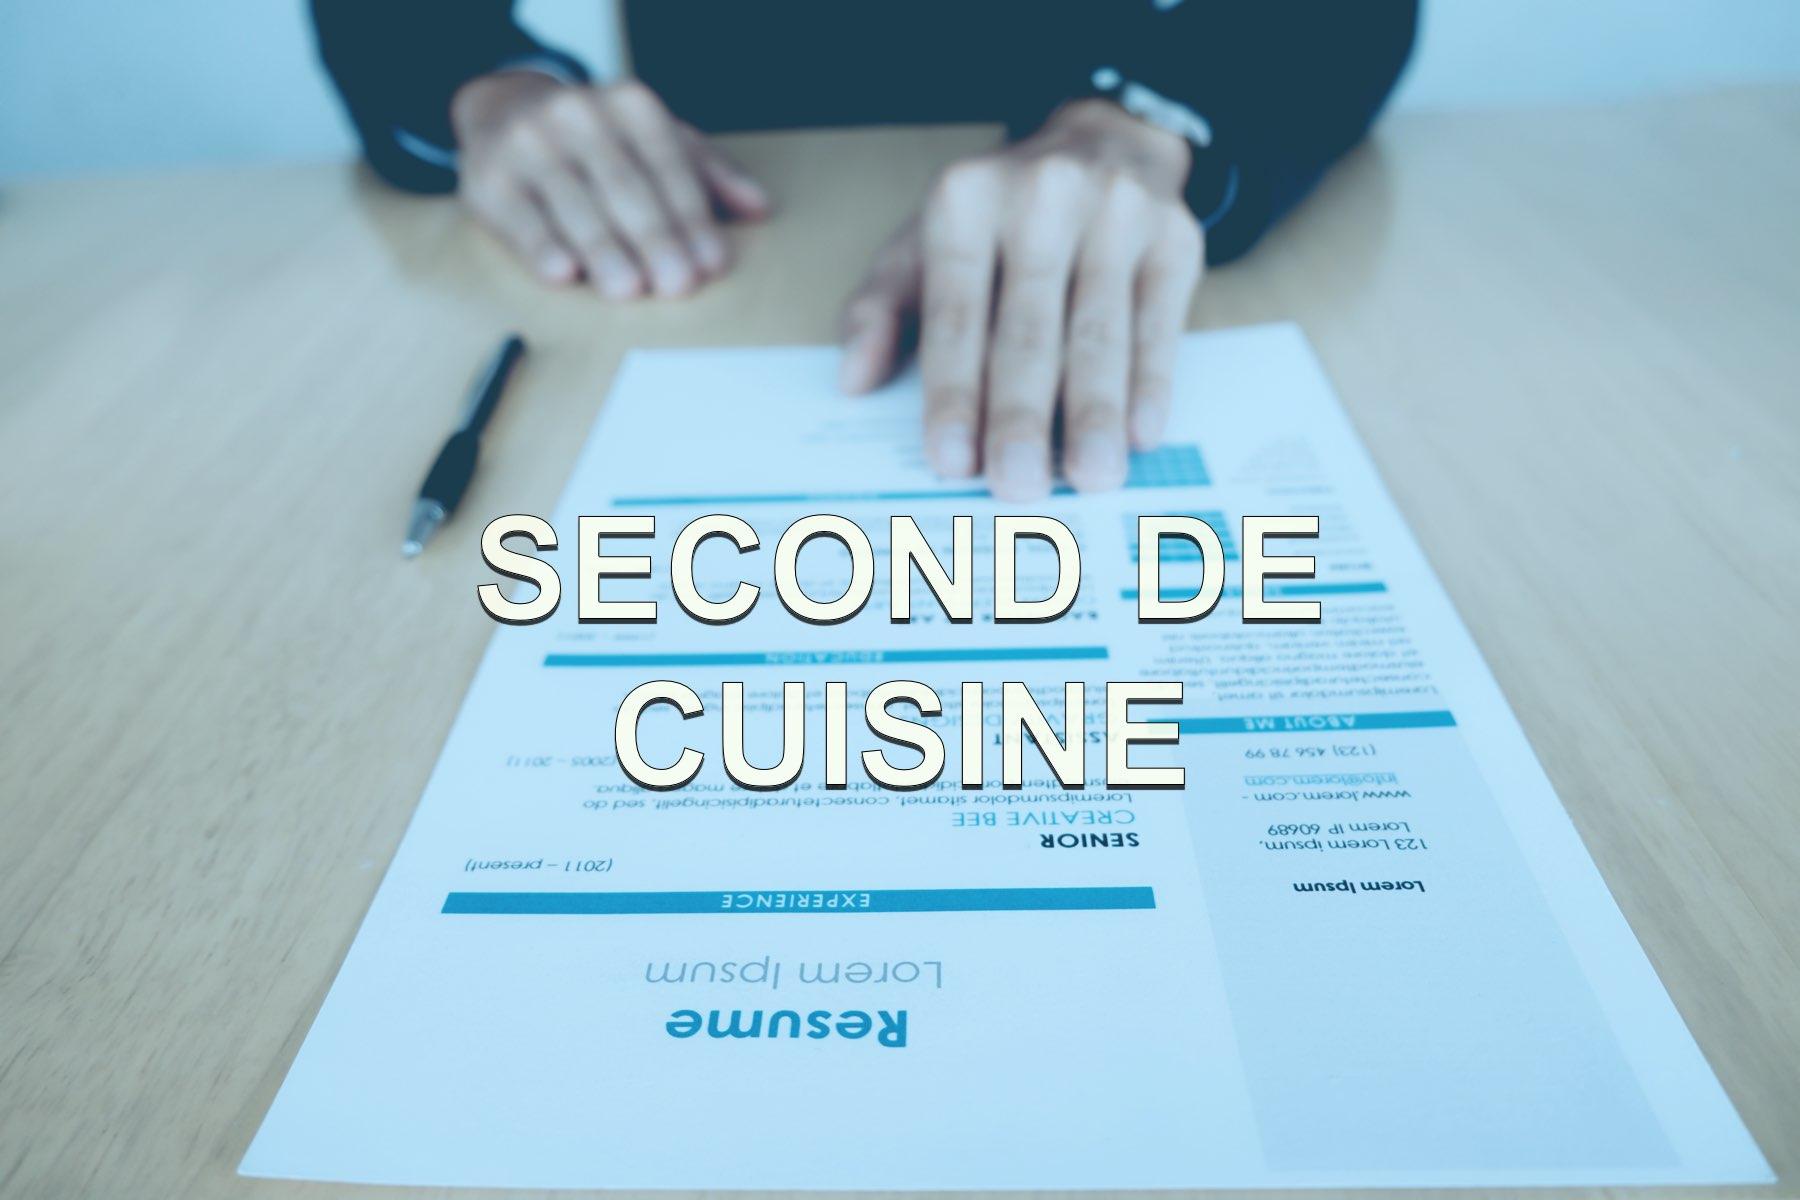 offre d'emploi second de cuisine